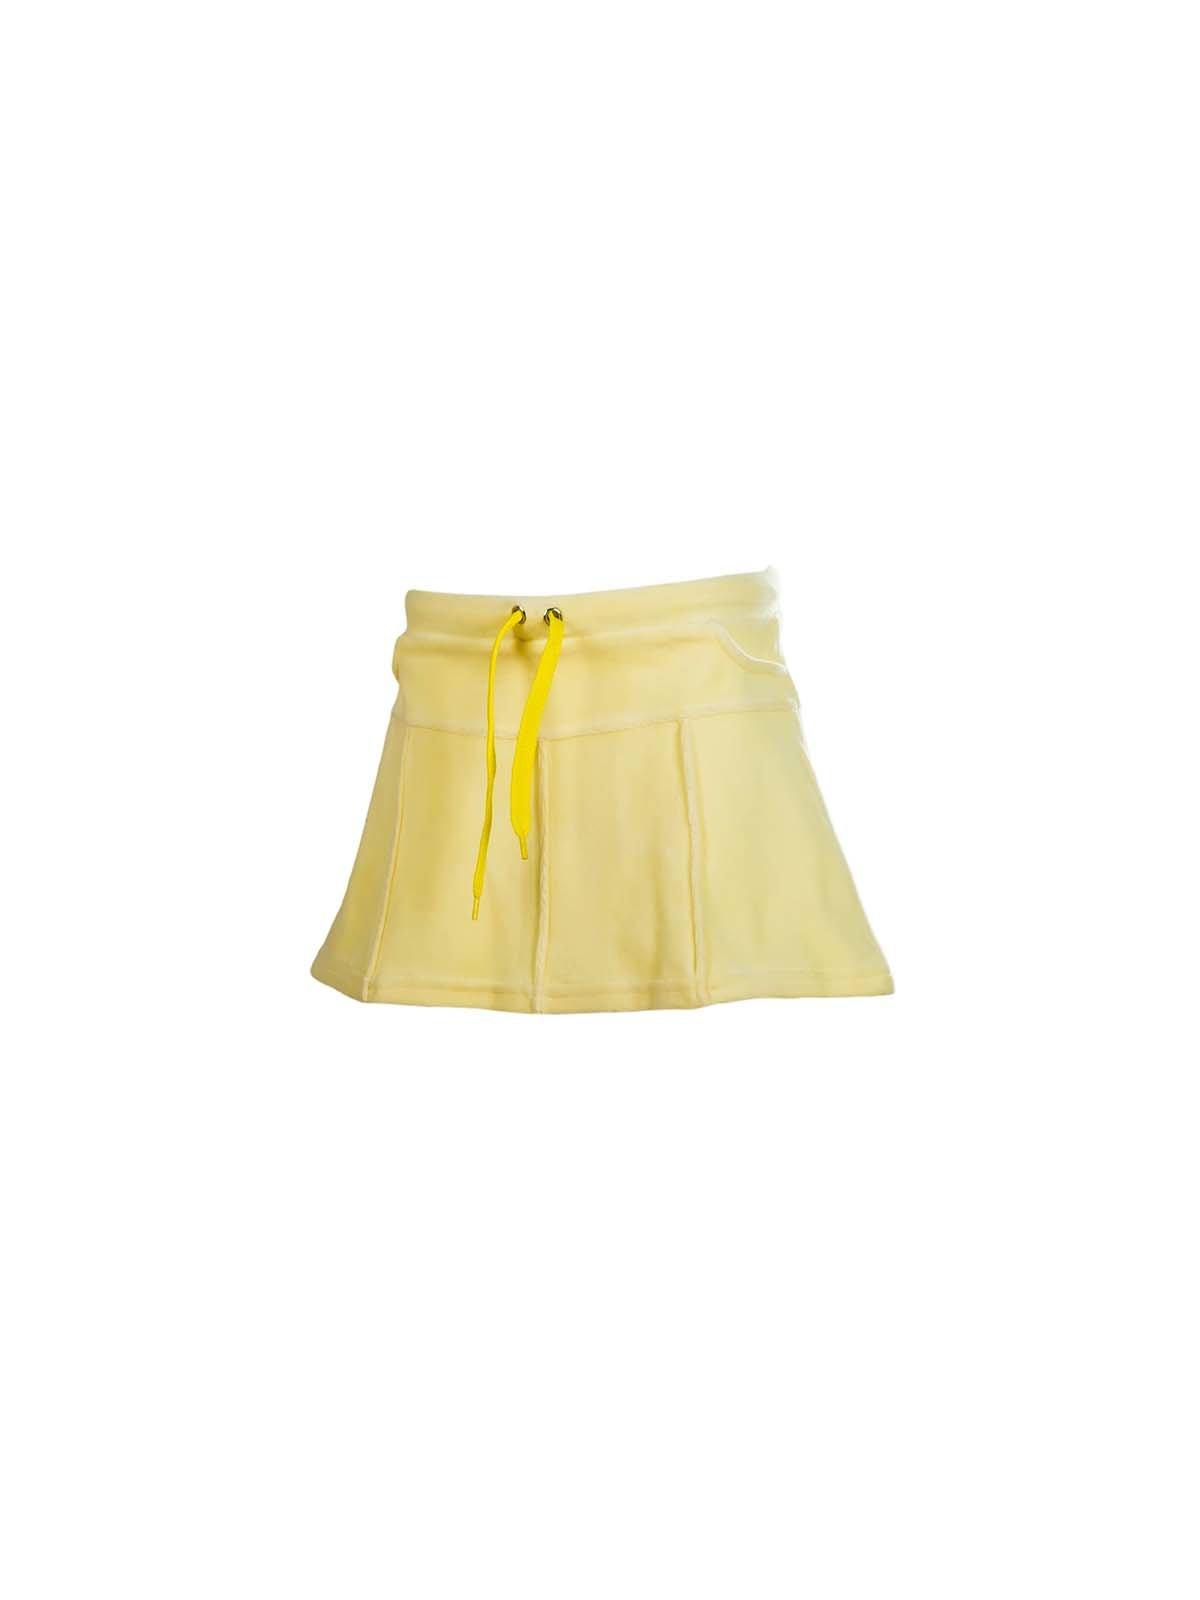 Юбка желтая велюровая | 3133207